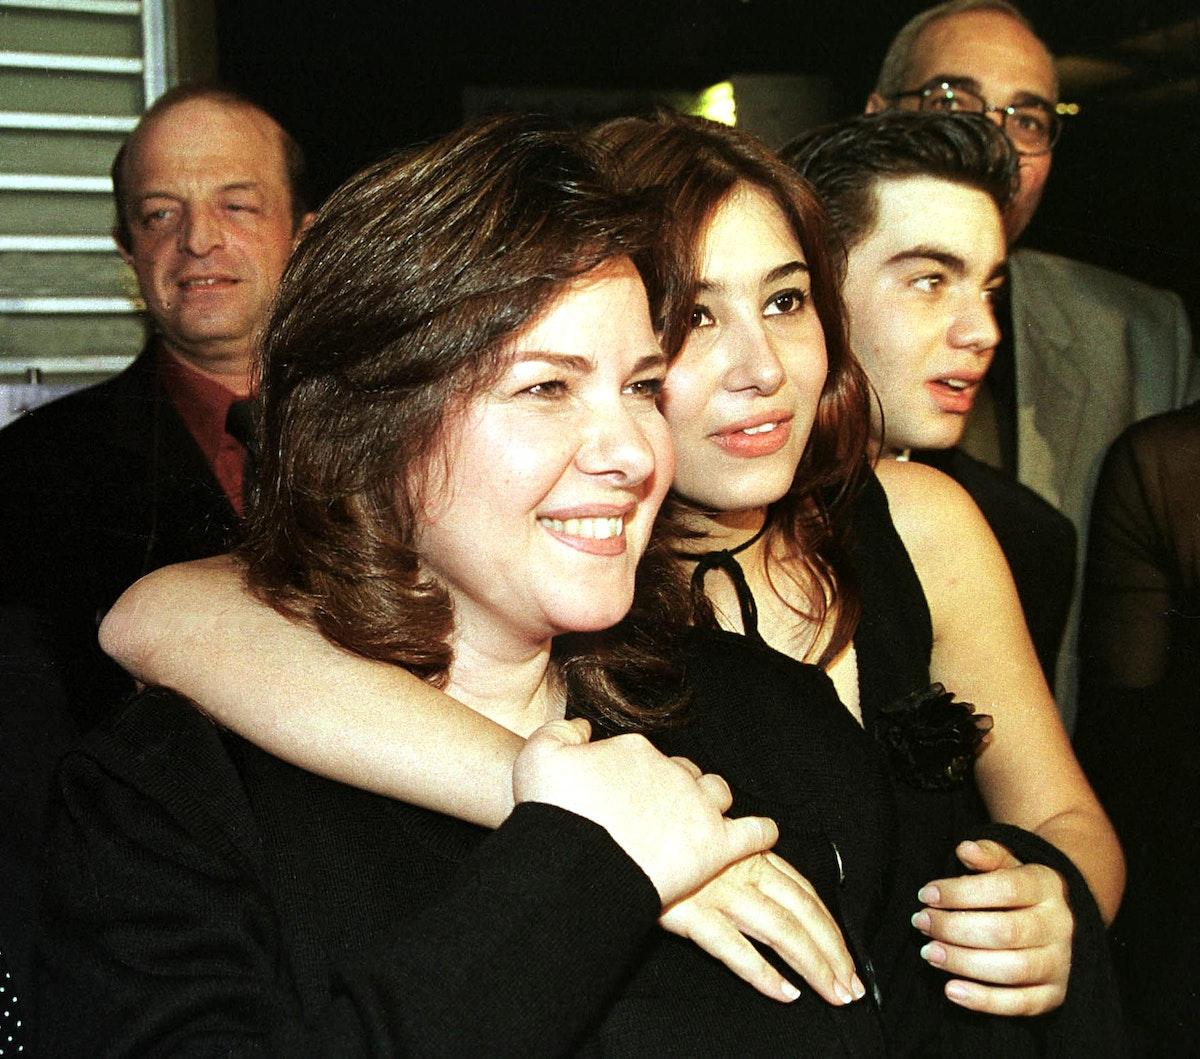 الفنانة المصرية دلال عبدالعزيز، 20 مارس 2001 - AFP